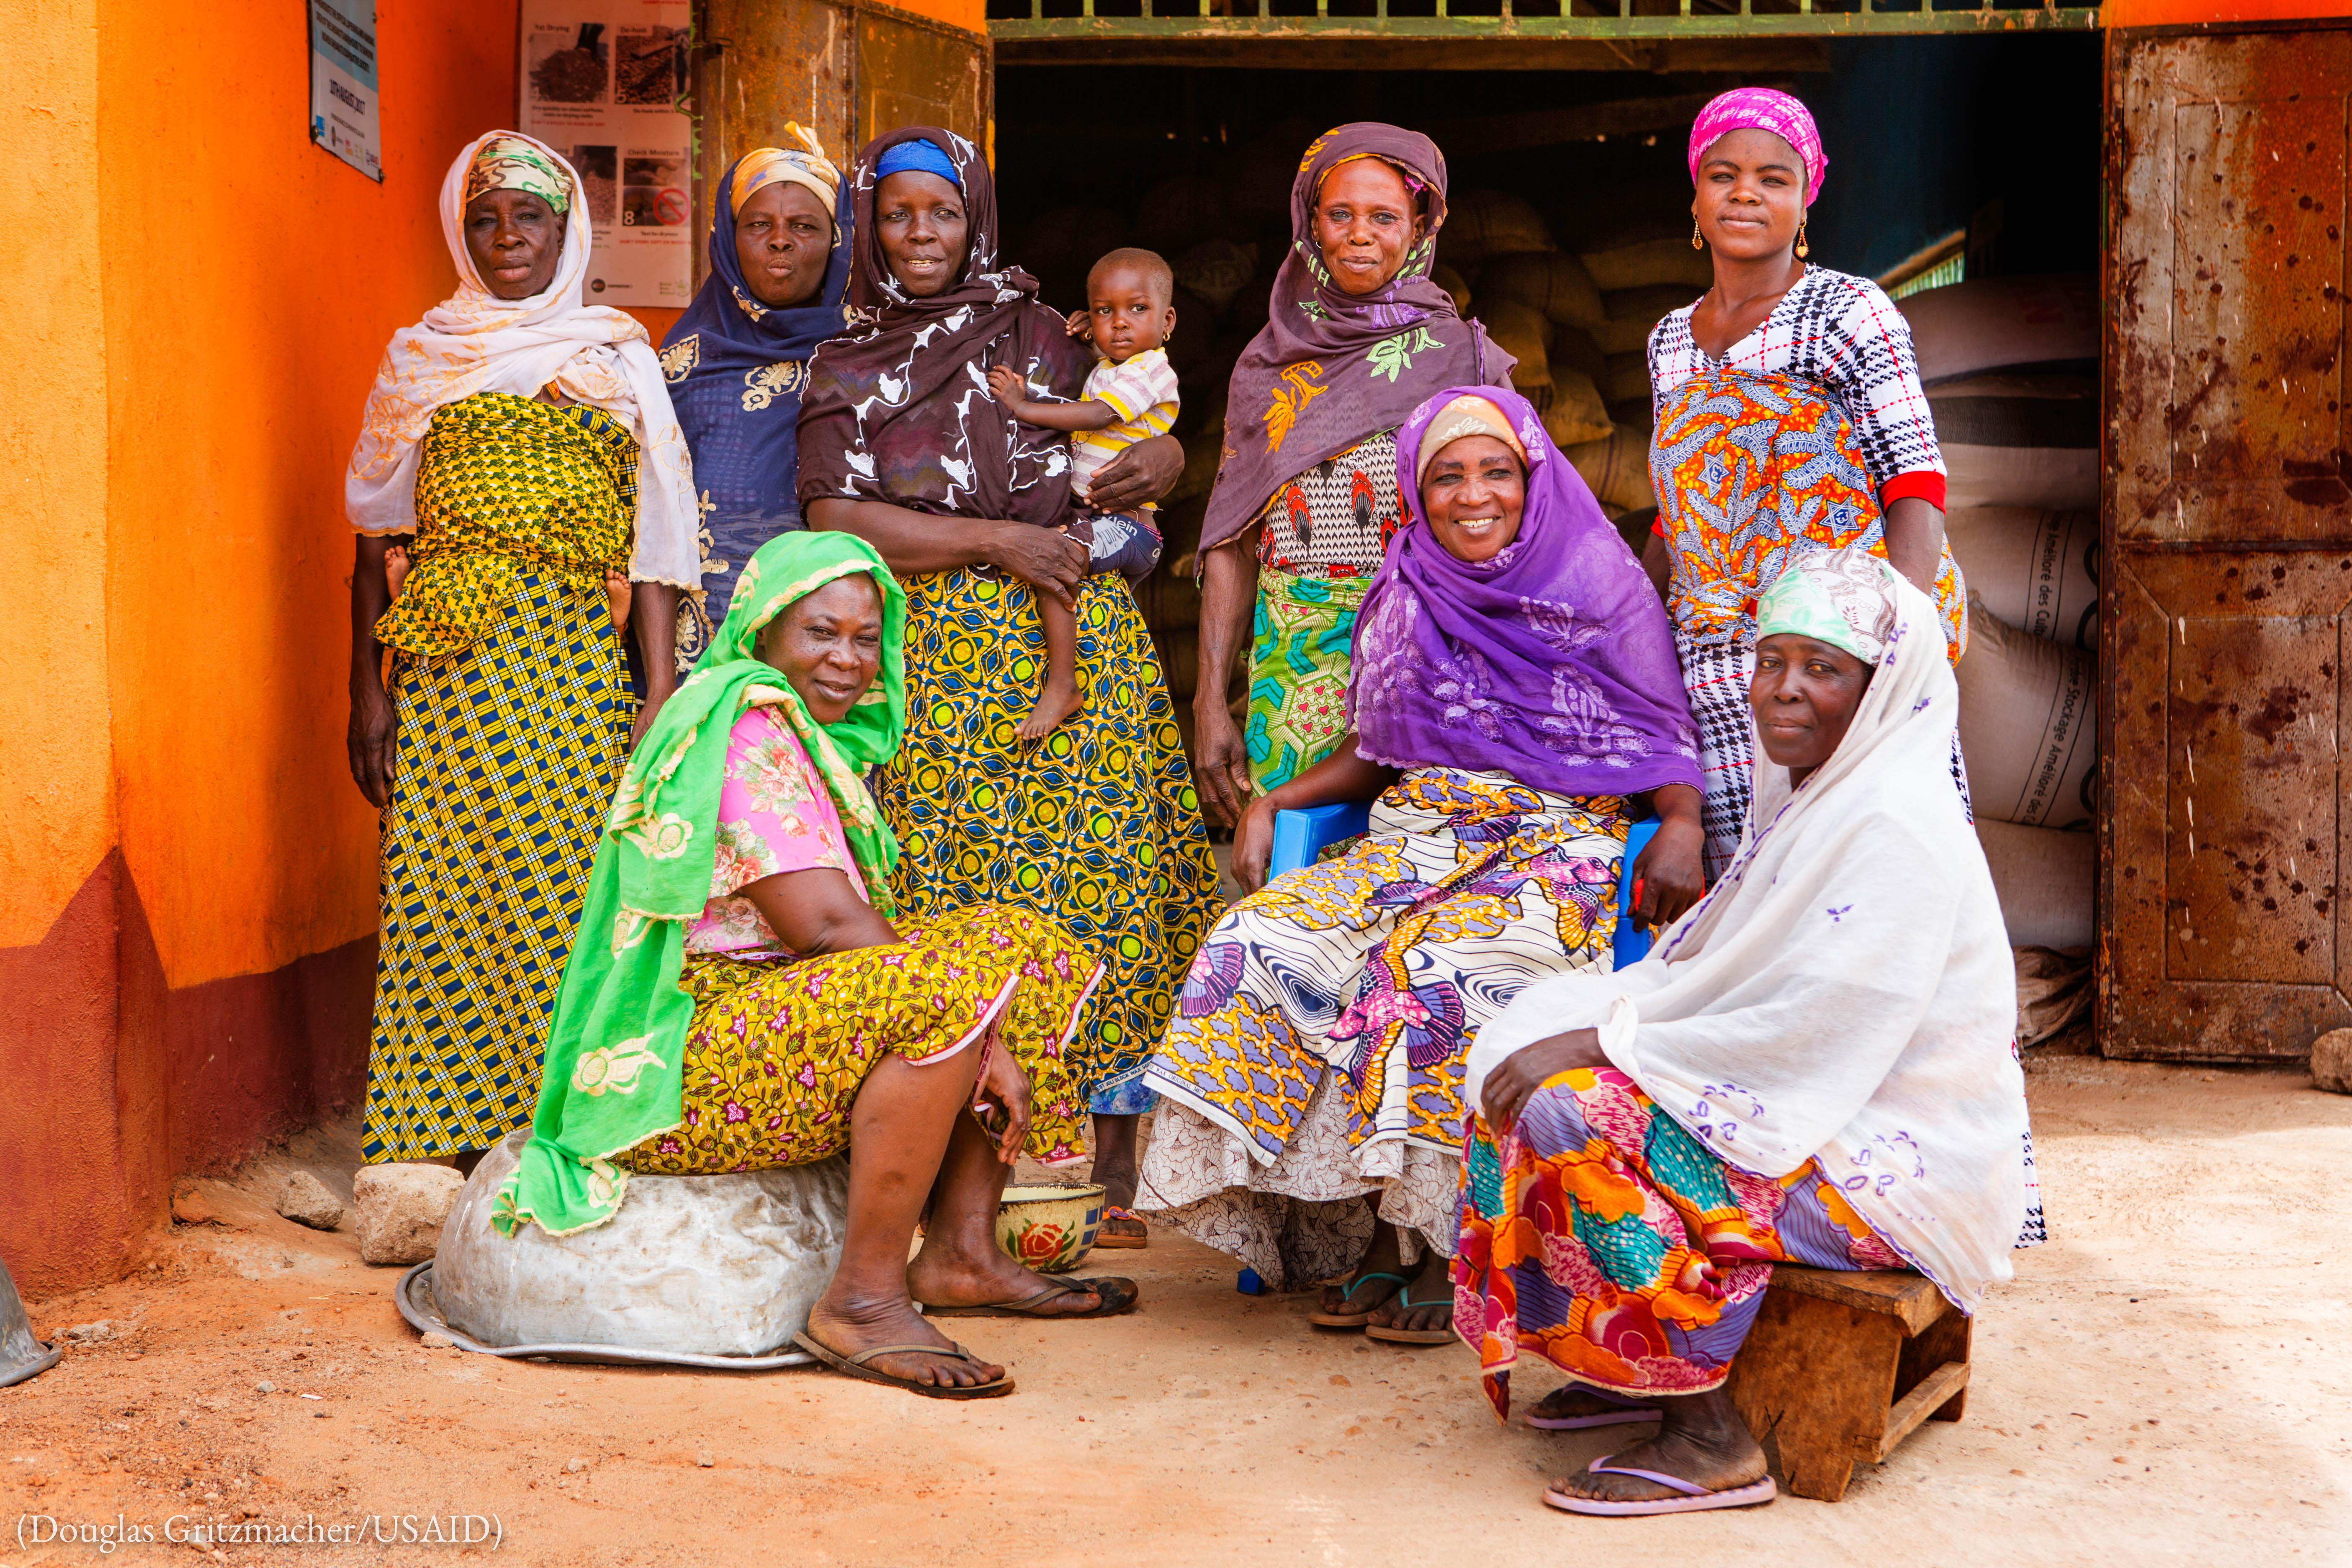 عورتوں کا ایک گروپ۔ (Douglas Gritzmacher/USAID)